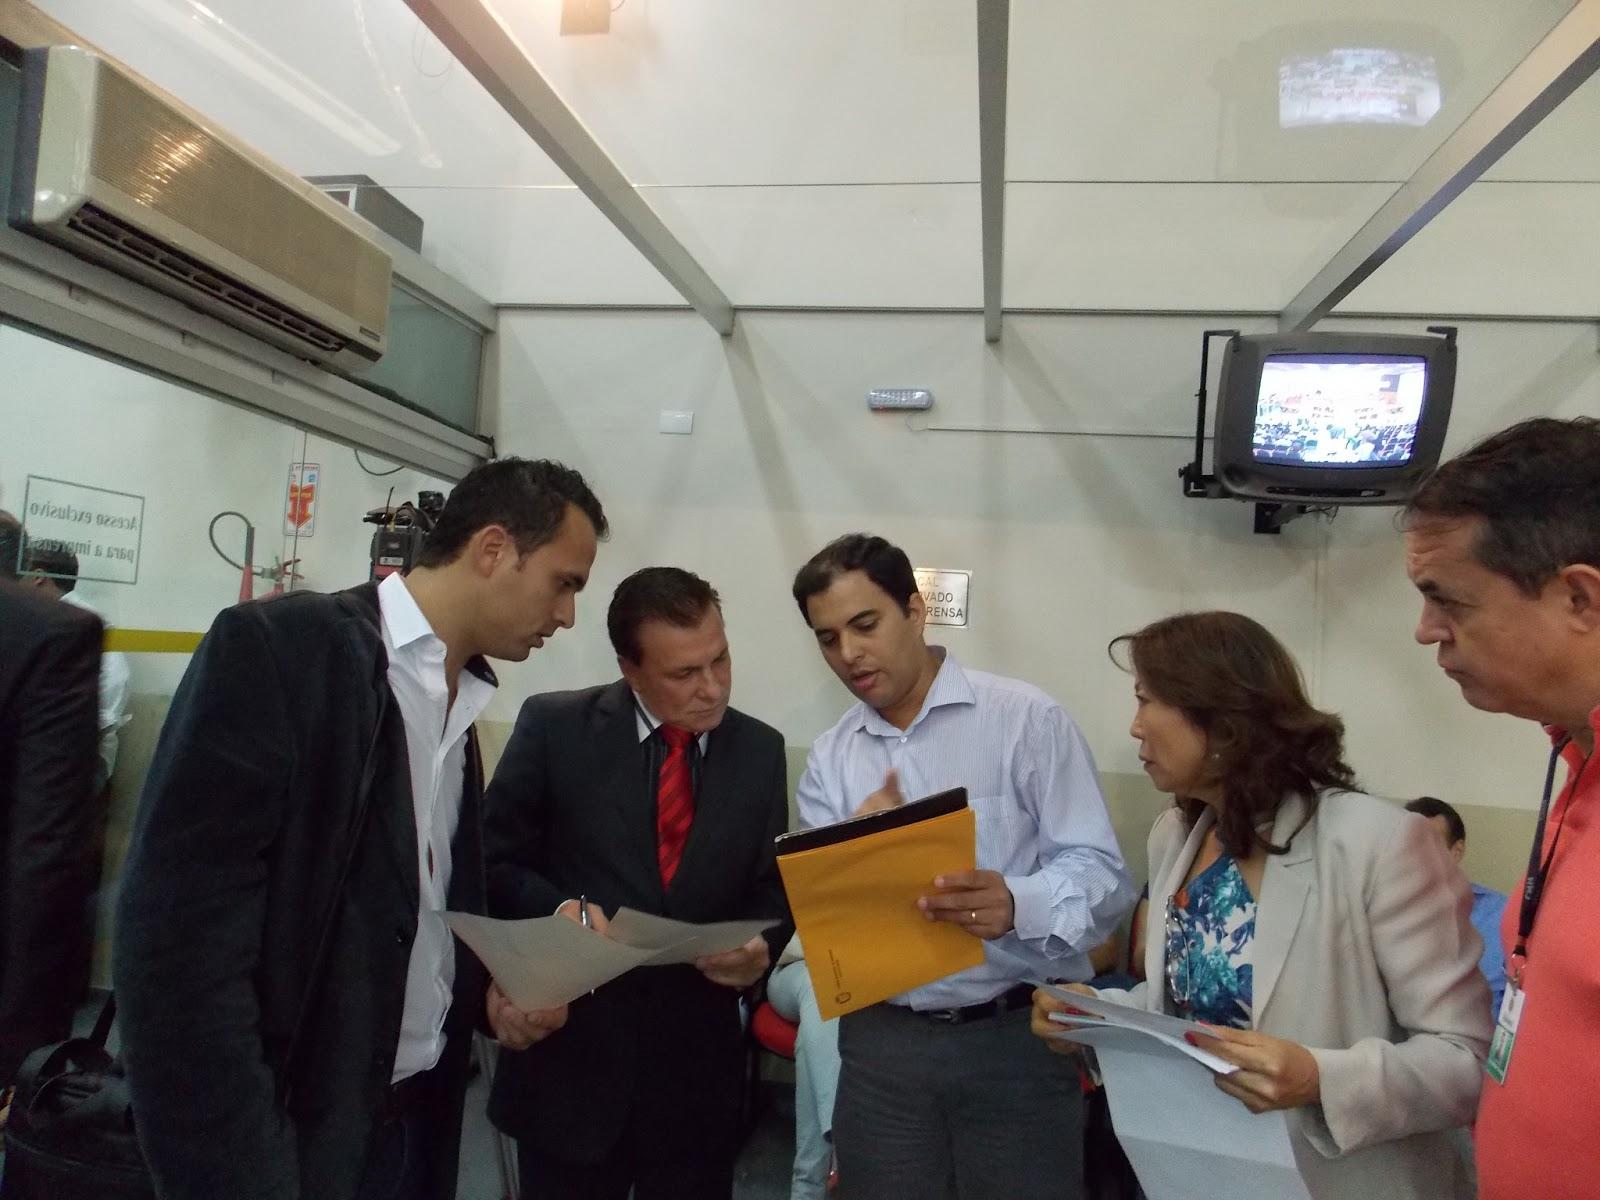 Vereador Luciano Brito entregando ao Deputado Estadual Mauro Moraes (PSDB)  - Presidente da Comissão de Segurança da ALEP alguns pedidos da comunidade  na ... 133145ca883